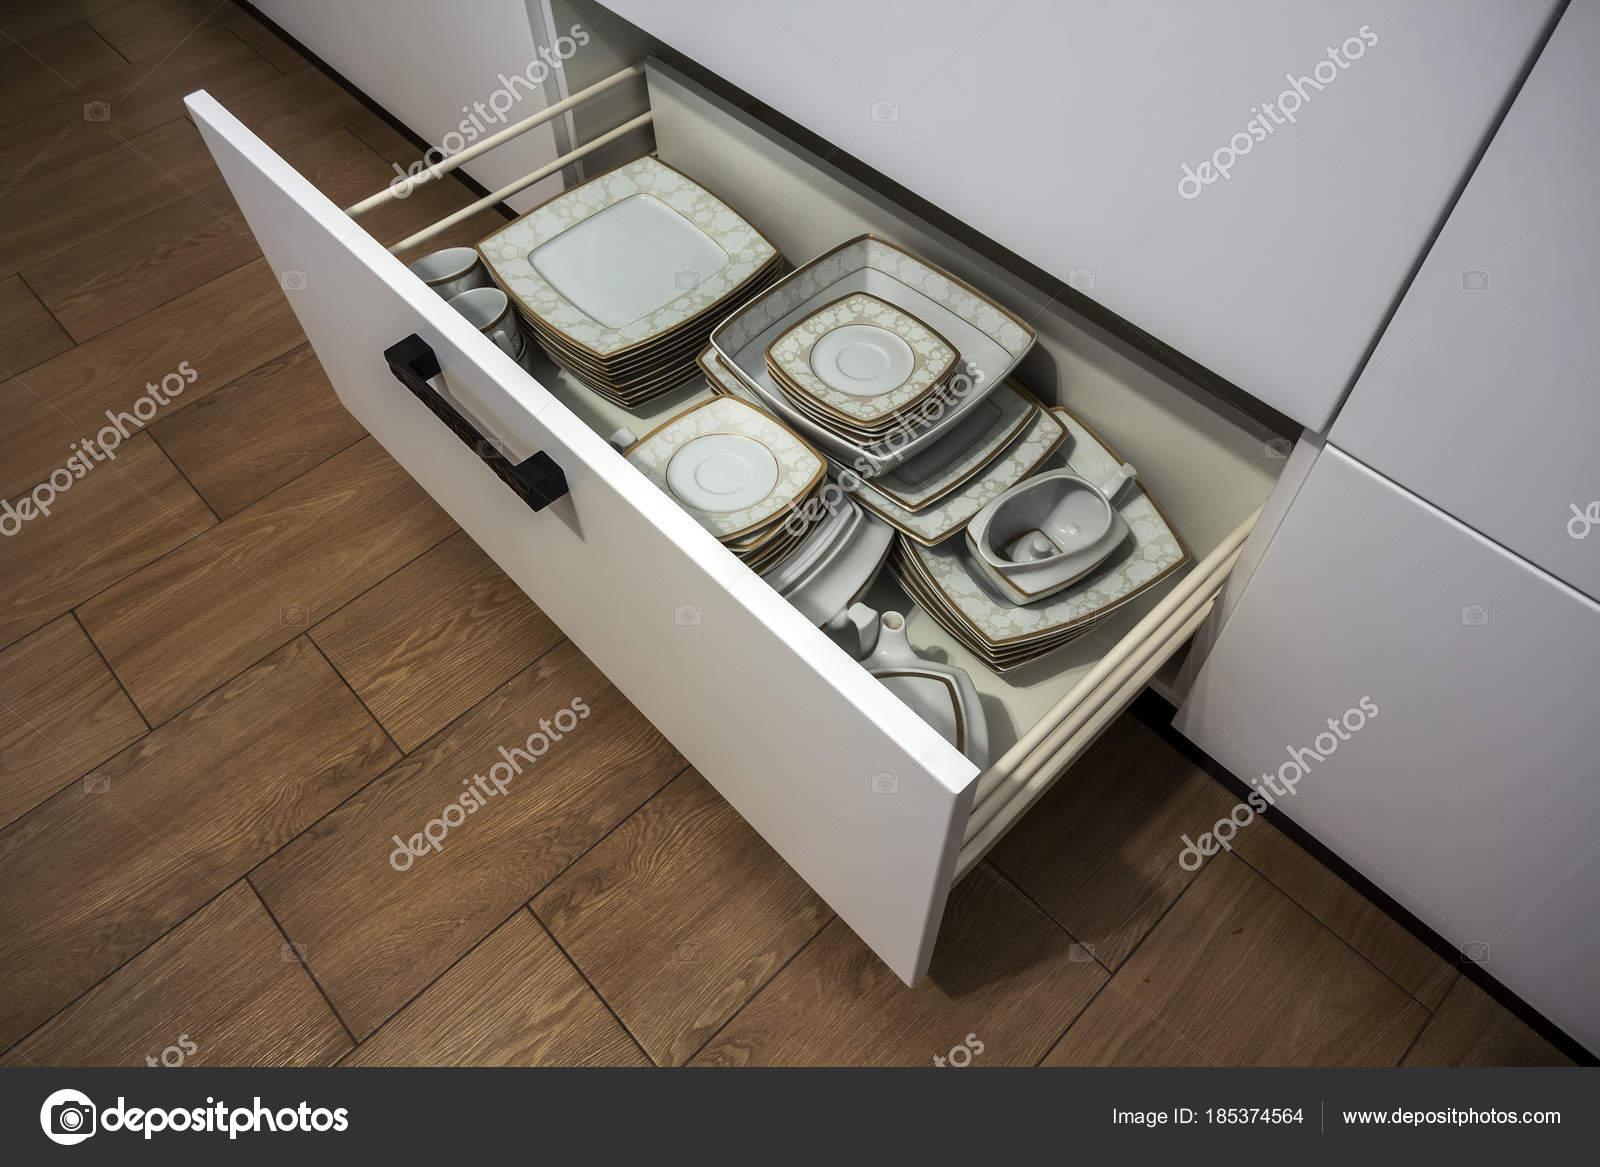 Offene Küchenschublade mit Platten im Inneren, eine intelligente ...